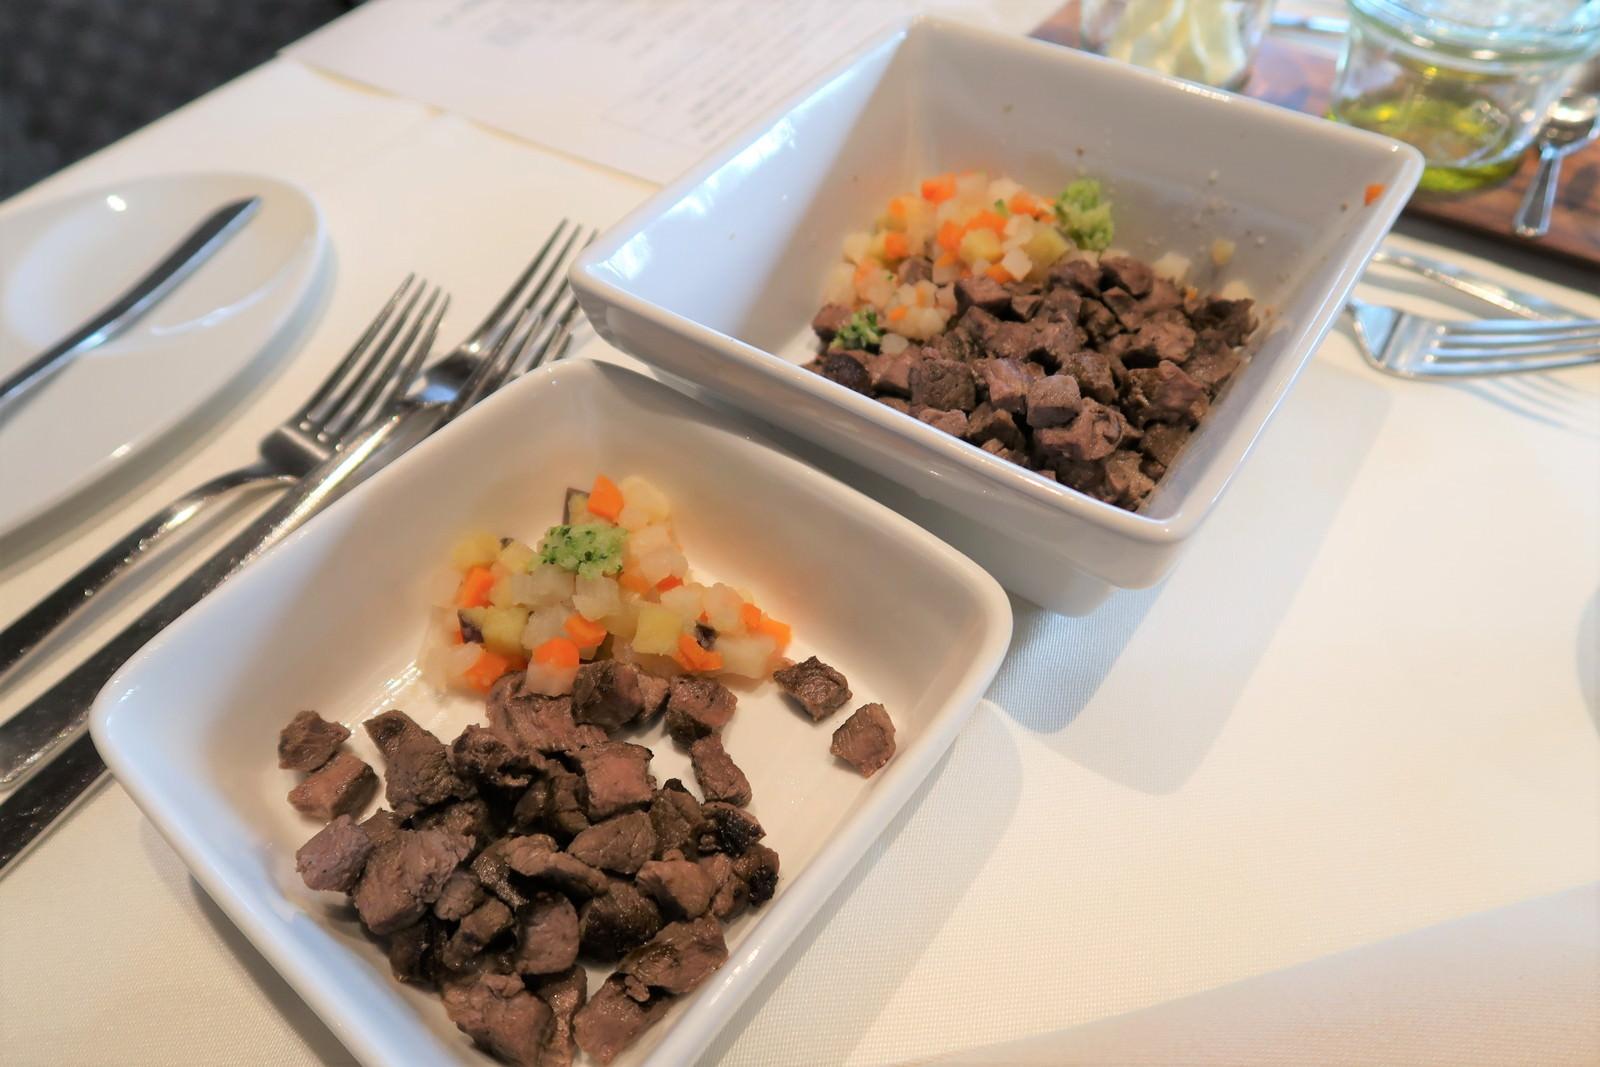 鹿肉のサイコロステーキお野菜を添えて